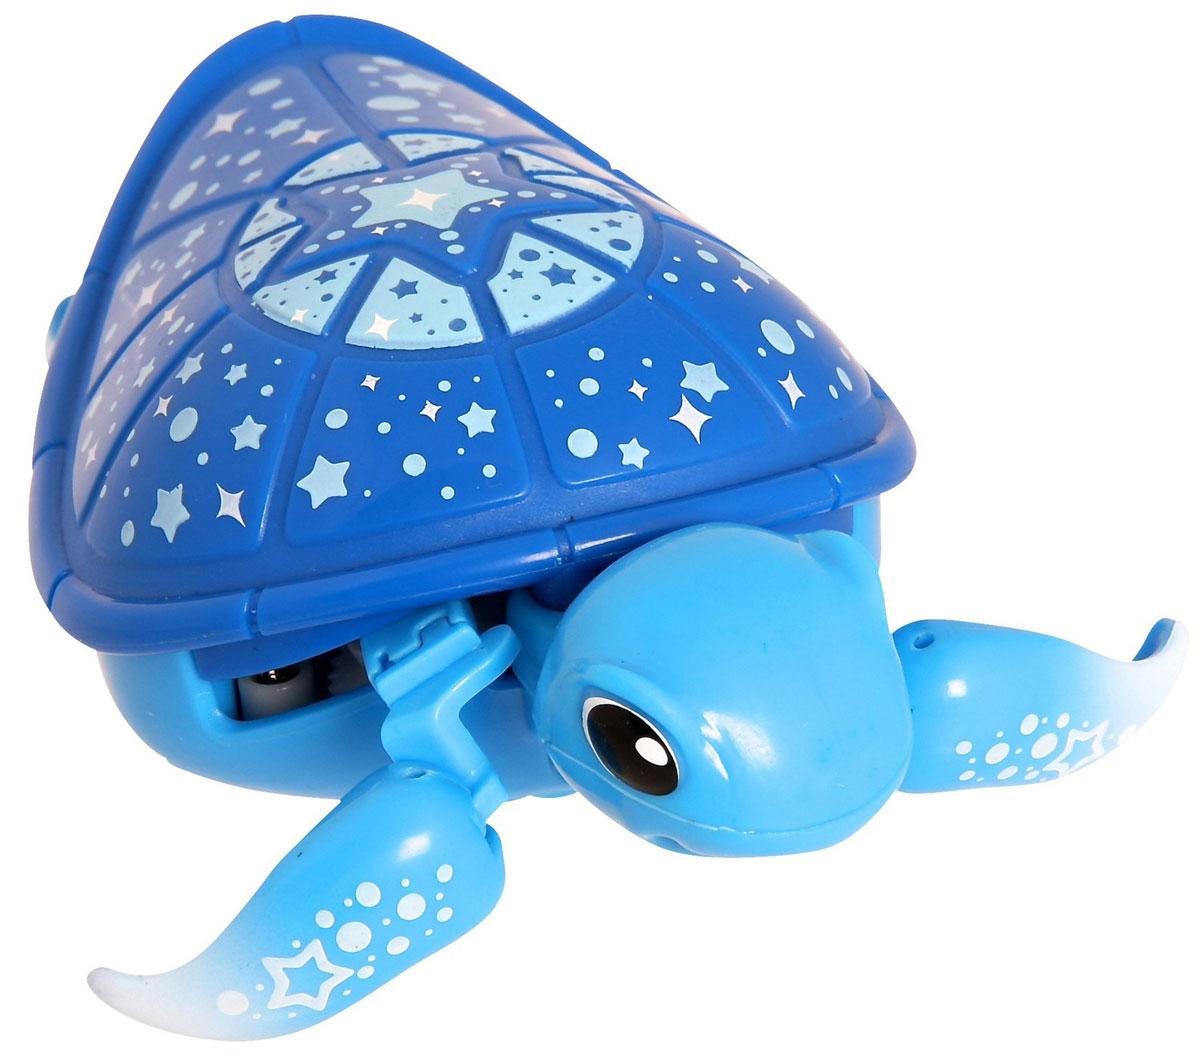 Moose Интерактивная игрушка Черепашка в аквариуме28046 (28148)Интерактивная игрушка Moose Черепашка в аквариуме без сомнения заинтригует детей, которые очень любят животных. Игрушка выполнена из прочных материалов и обладает интересным окрасом. От своих живых собратьев черепашка отличается яркой расцветкой. Голова и ласты выкрашены в голубой цвет, а ее синий панцирь украшен разнообразными звездочками. На брюшке черепахи находится кнопка для включения — выключения игрушки. Питомец отлично ползает по суше, а так же плавает в воде. При движении черепашка передвигает ластами и шевелит головой словно настоящая. В комплекте с черепашкой идет специальная коробка с ручкой. Ее можно использовать для переноски питомца или же, как аквариум. Дно коробки имитирует берег и песчаное дно. Оно не пропускает воду. Купание с таким питомцем обязательно вызовет у ребенка неподдельный восторг, даже нелюбимое занятие как мытье головы пройдет незамеченным. Для работы понадобится батарейка типа ААА (в комплект не входит).